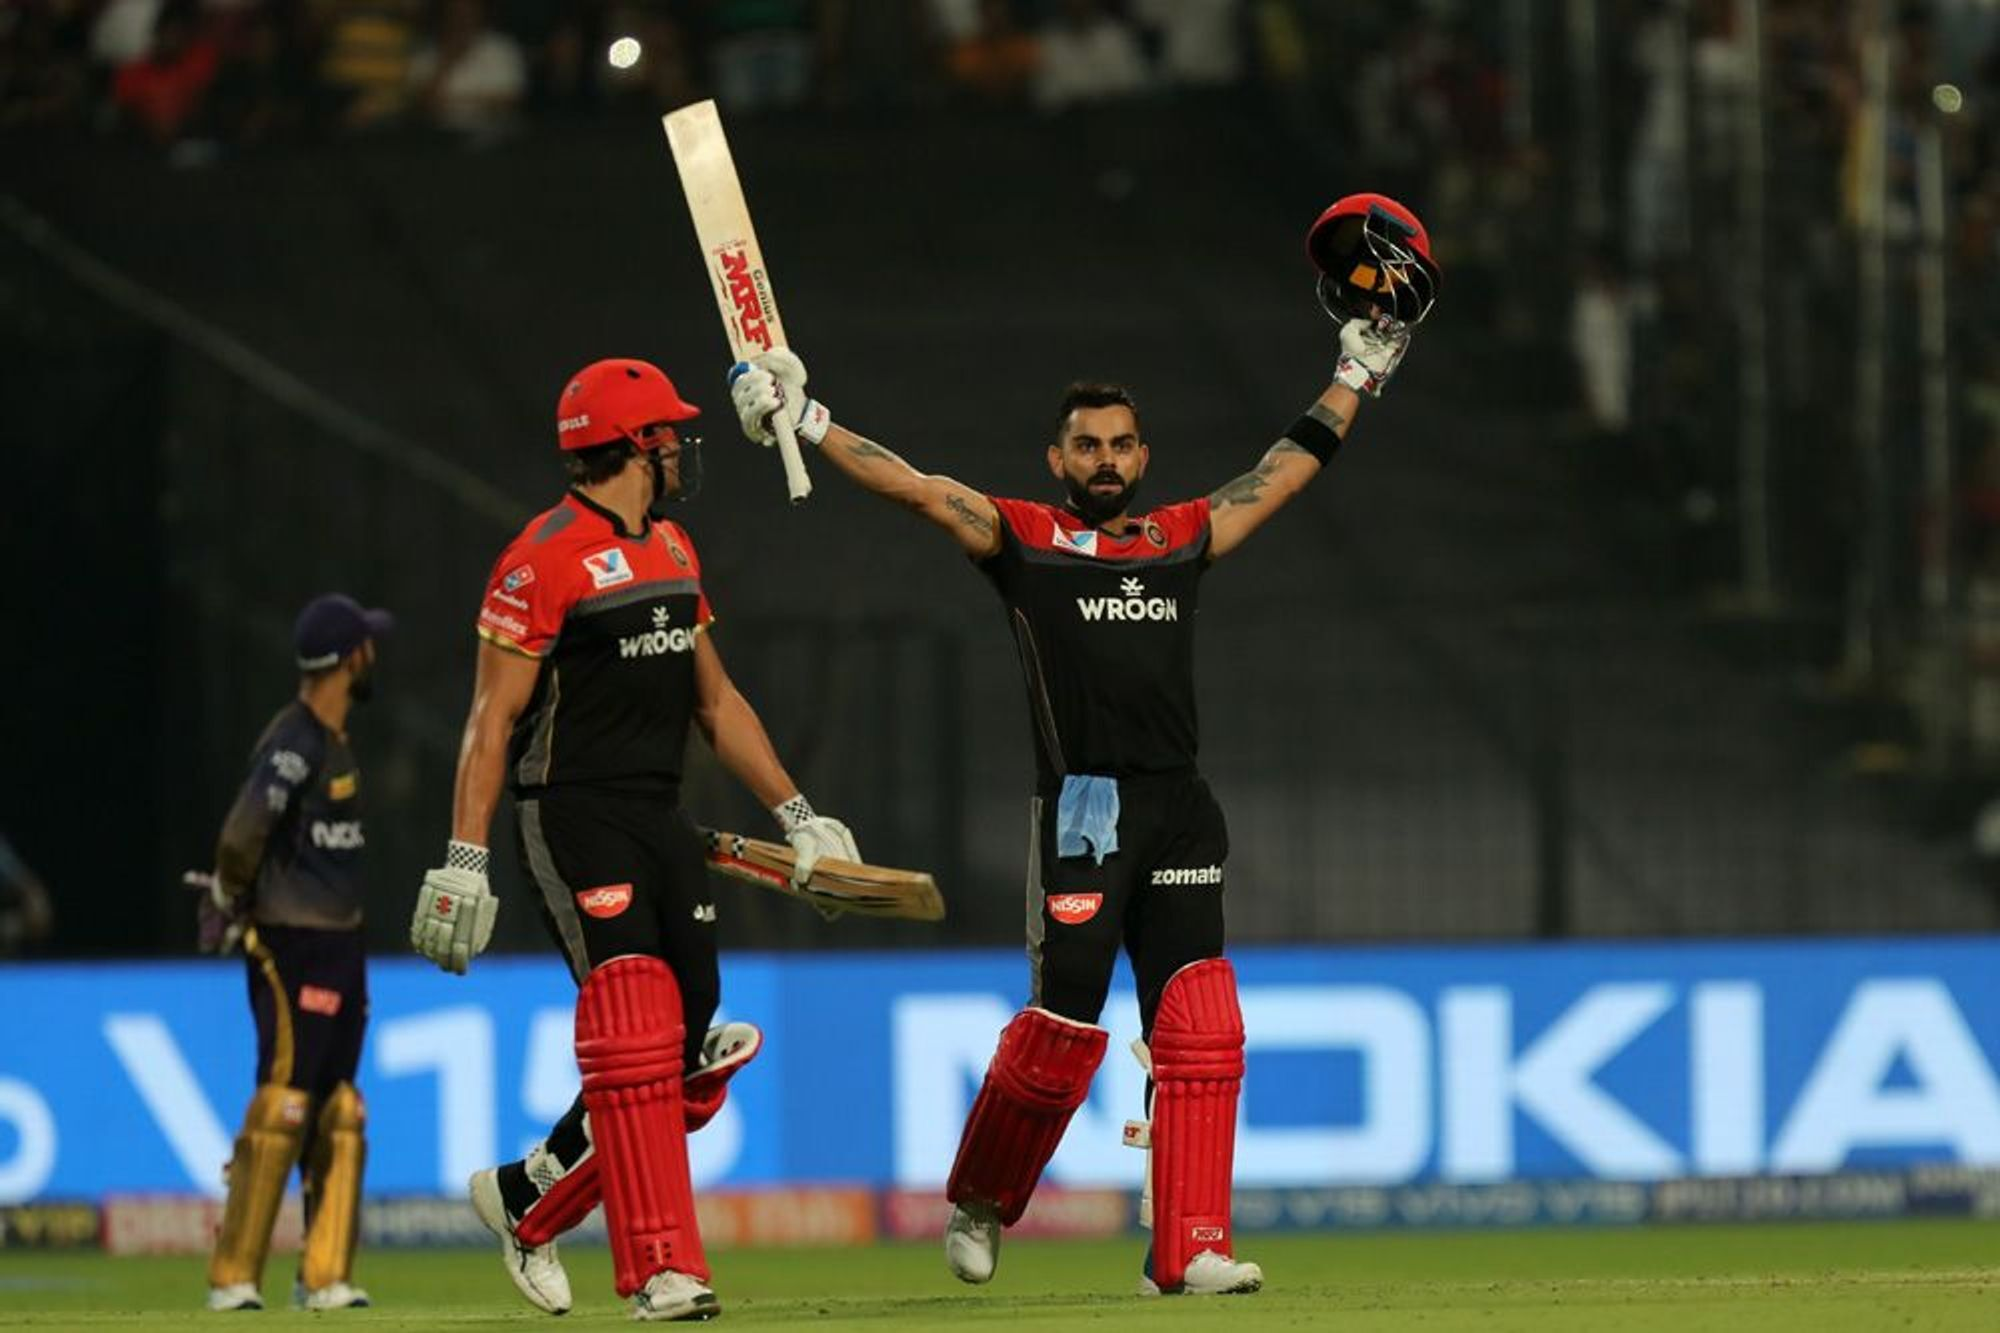 KKRvsRCB : विराट कोहली के तूफानी शतक के दम पर आरसीबी ने केकेआर को 10 रन से हराया